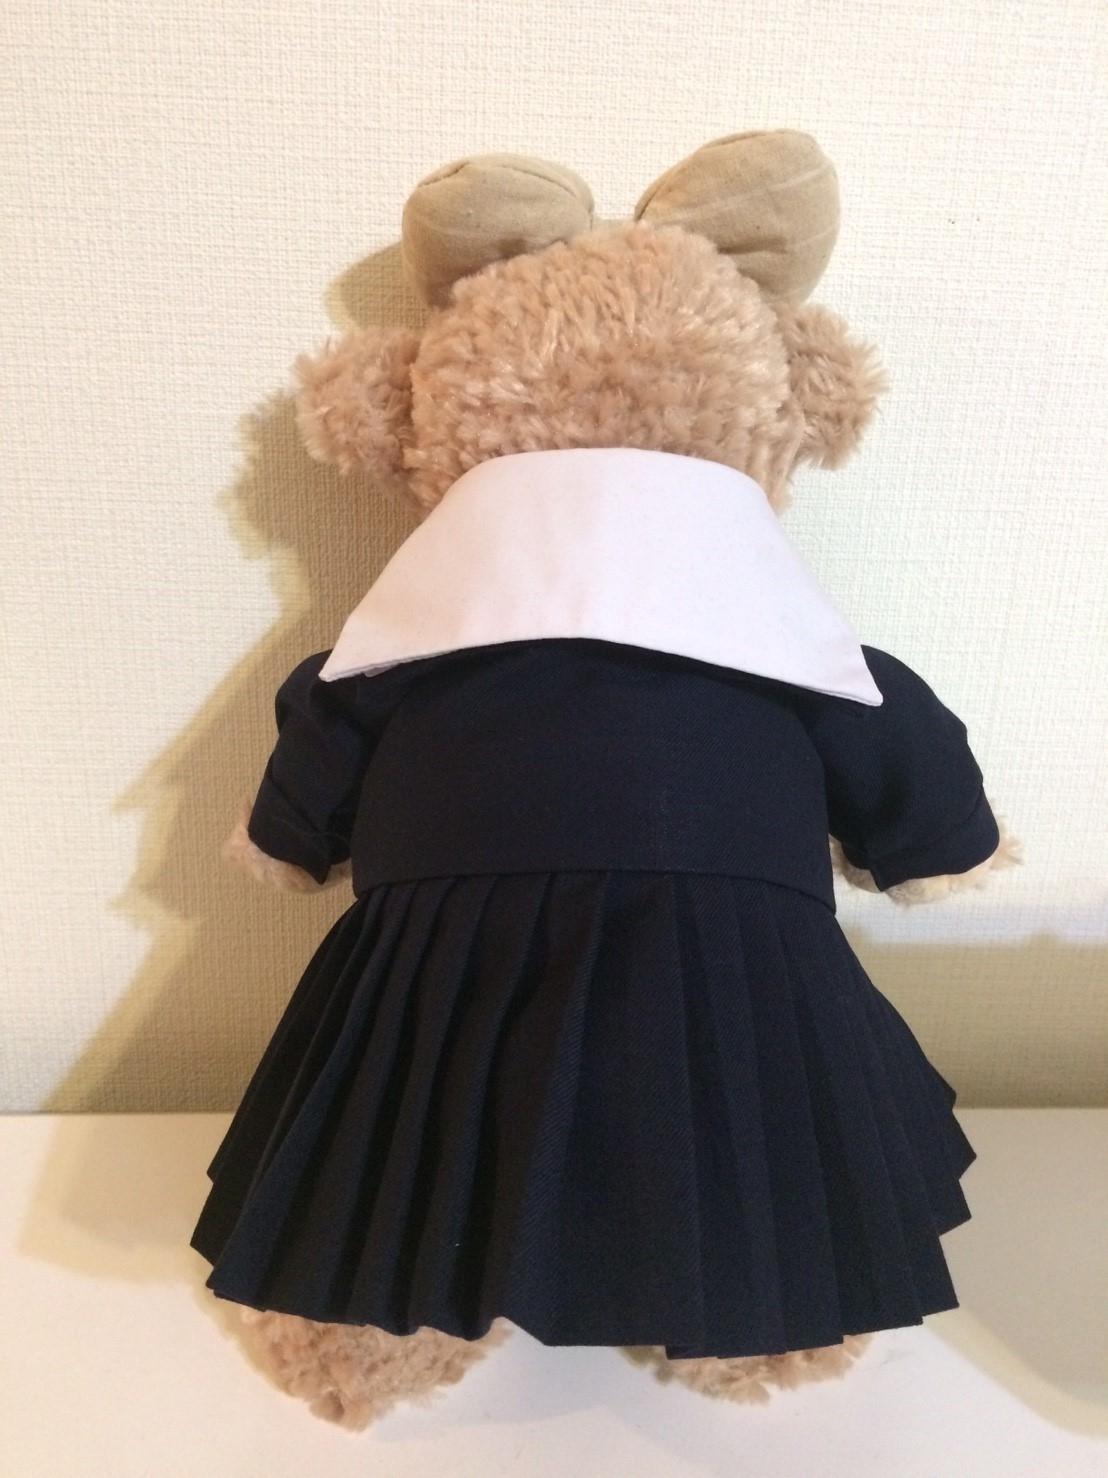 ミニチュアセーラー服を着たシェリーメイの後姿